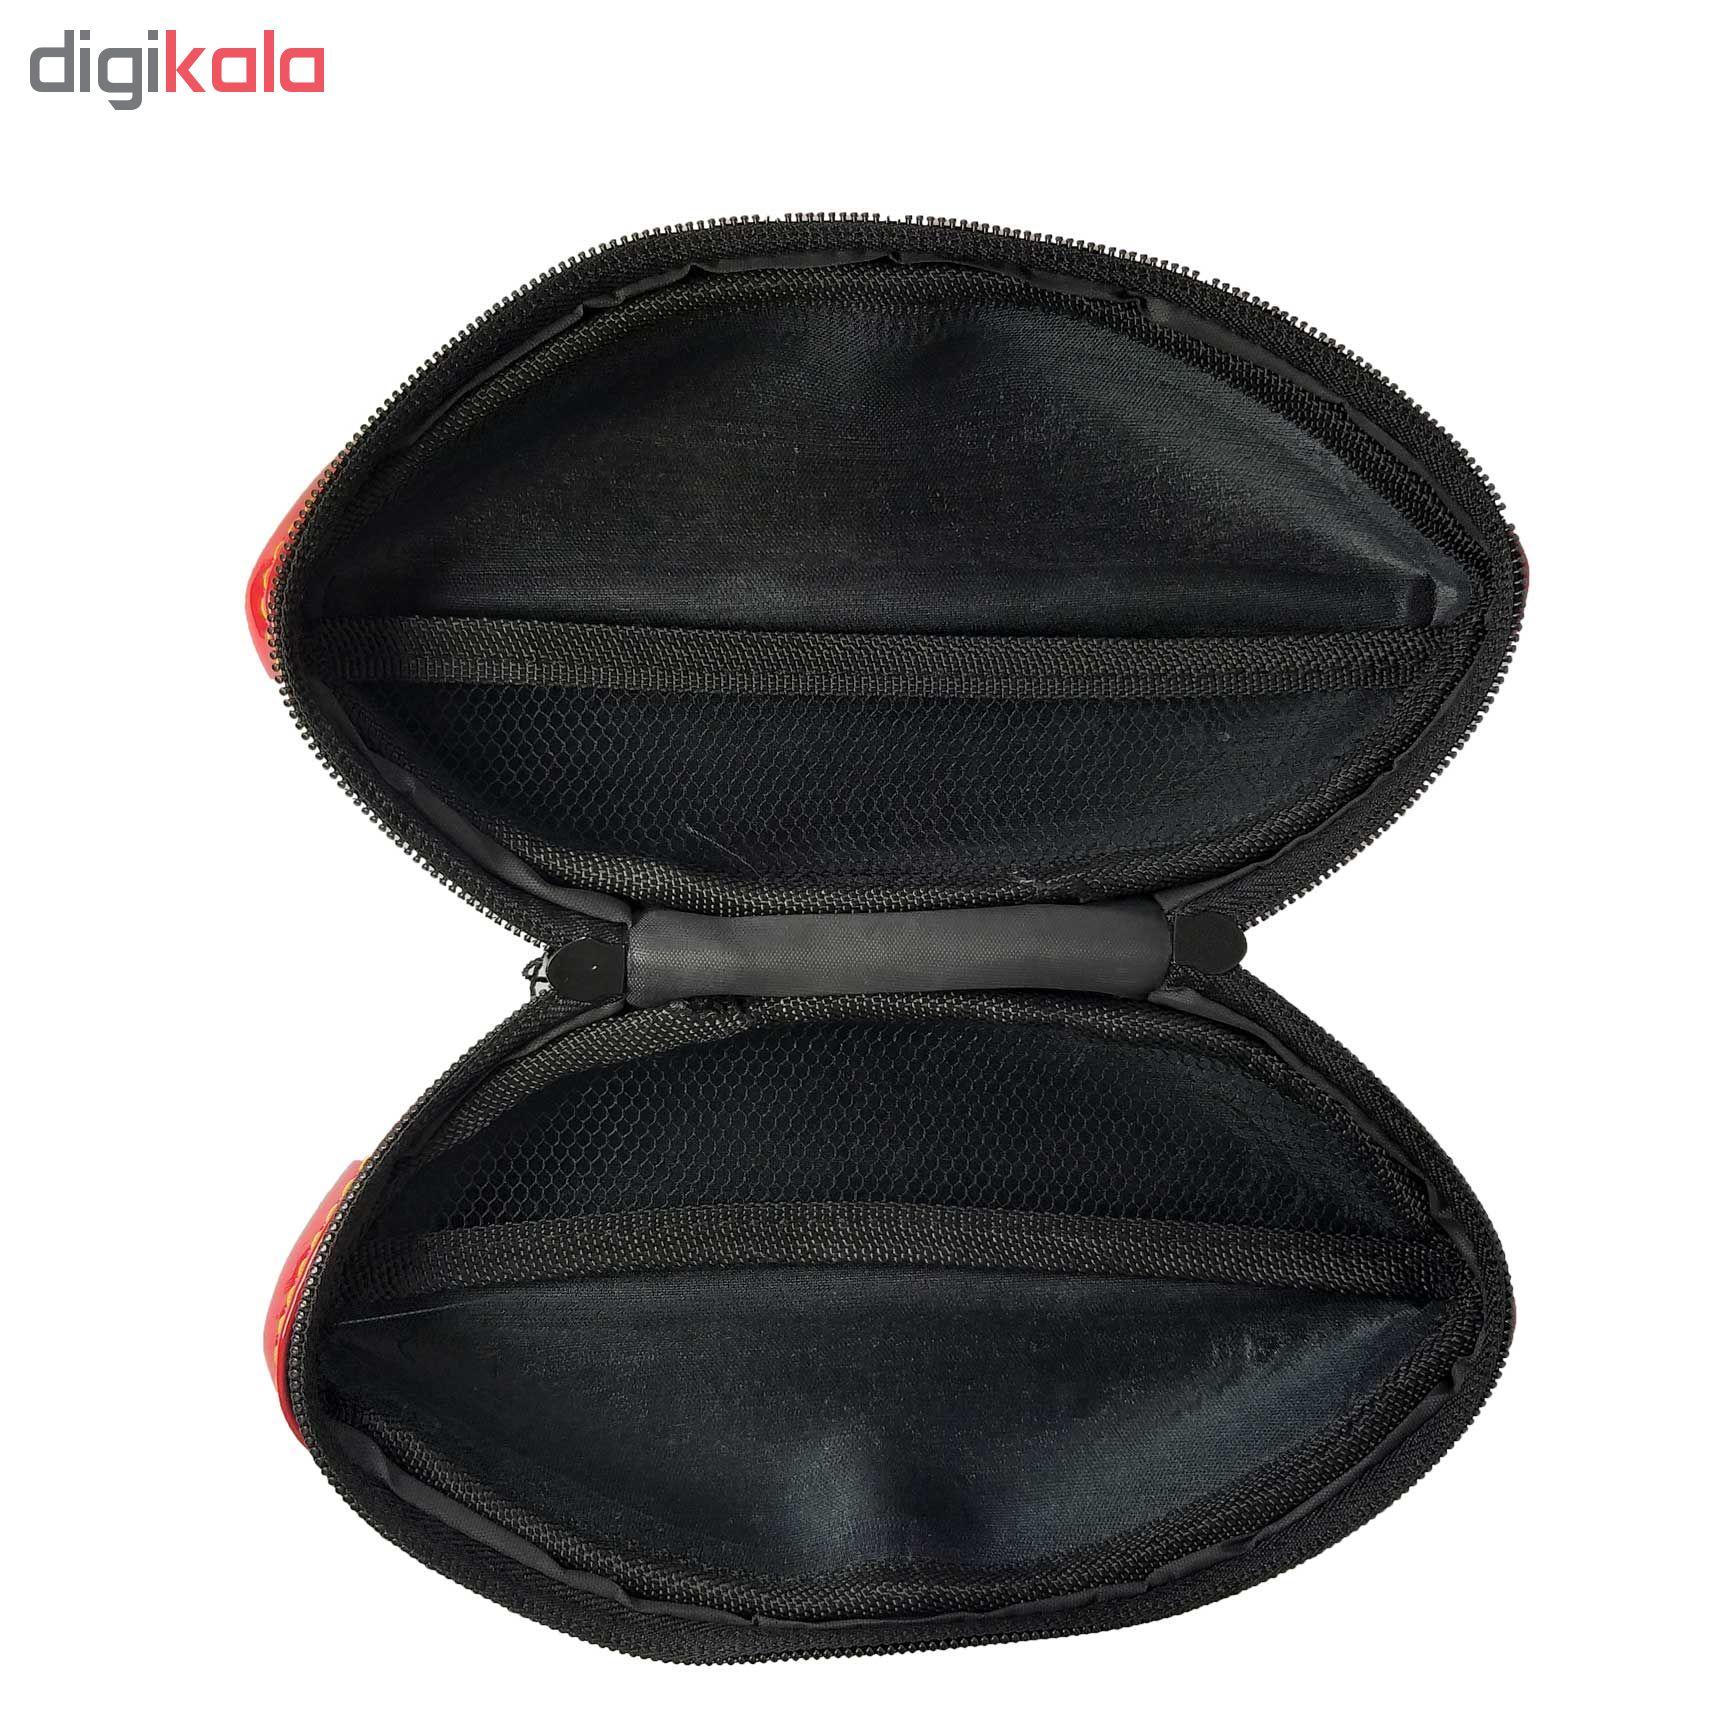 کیف لوازم آرایش کد L260